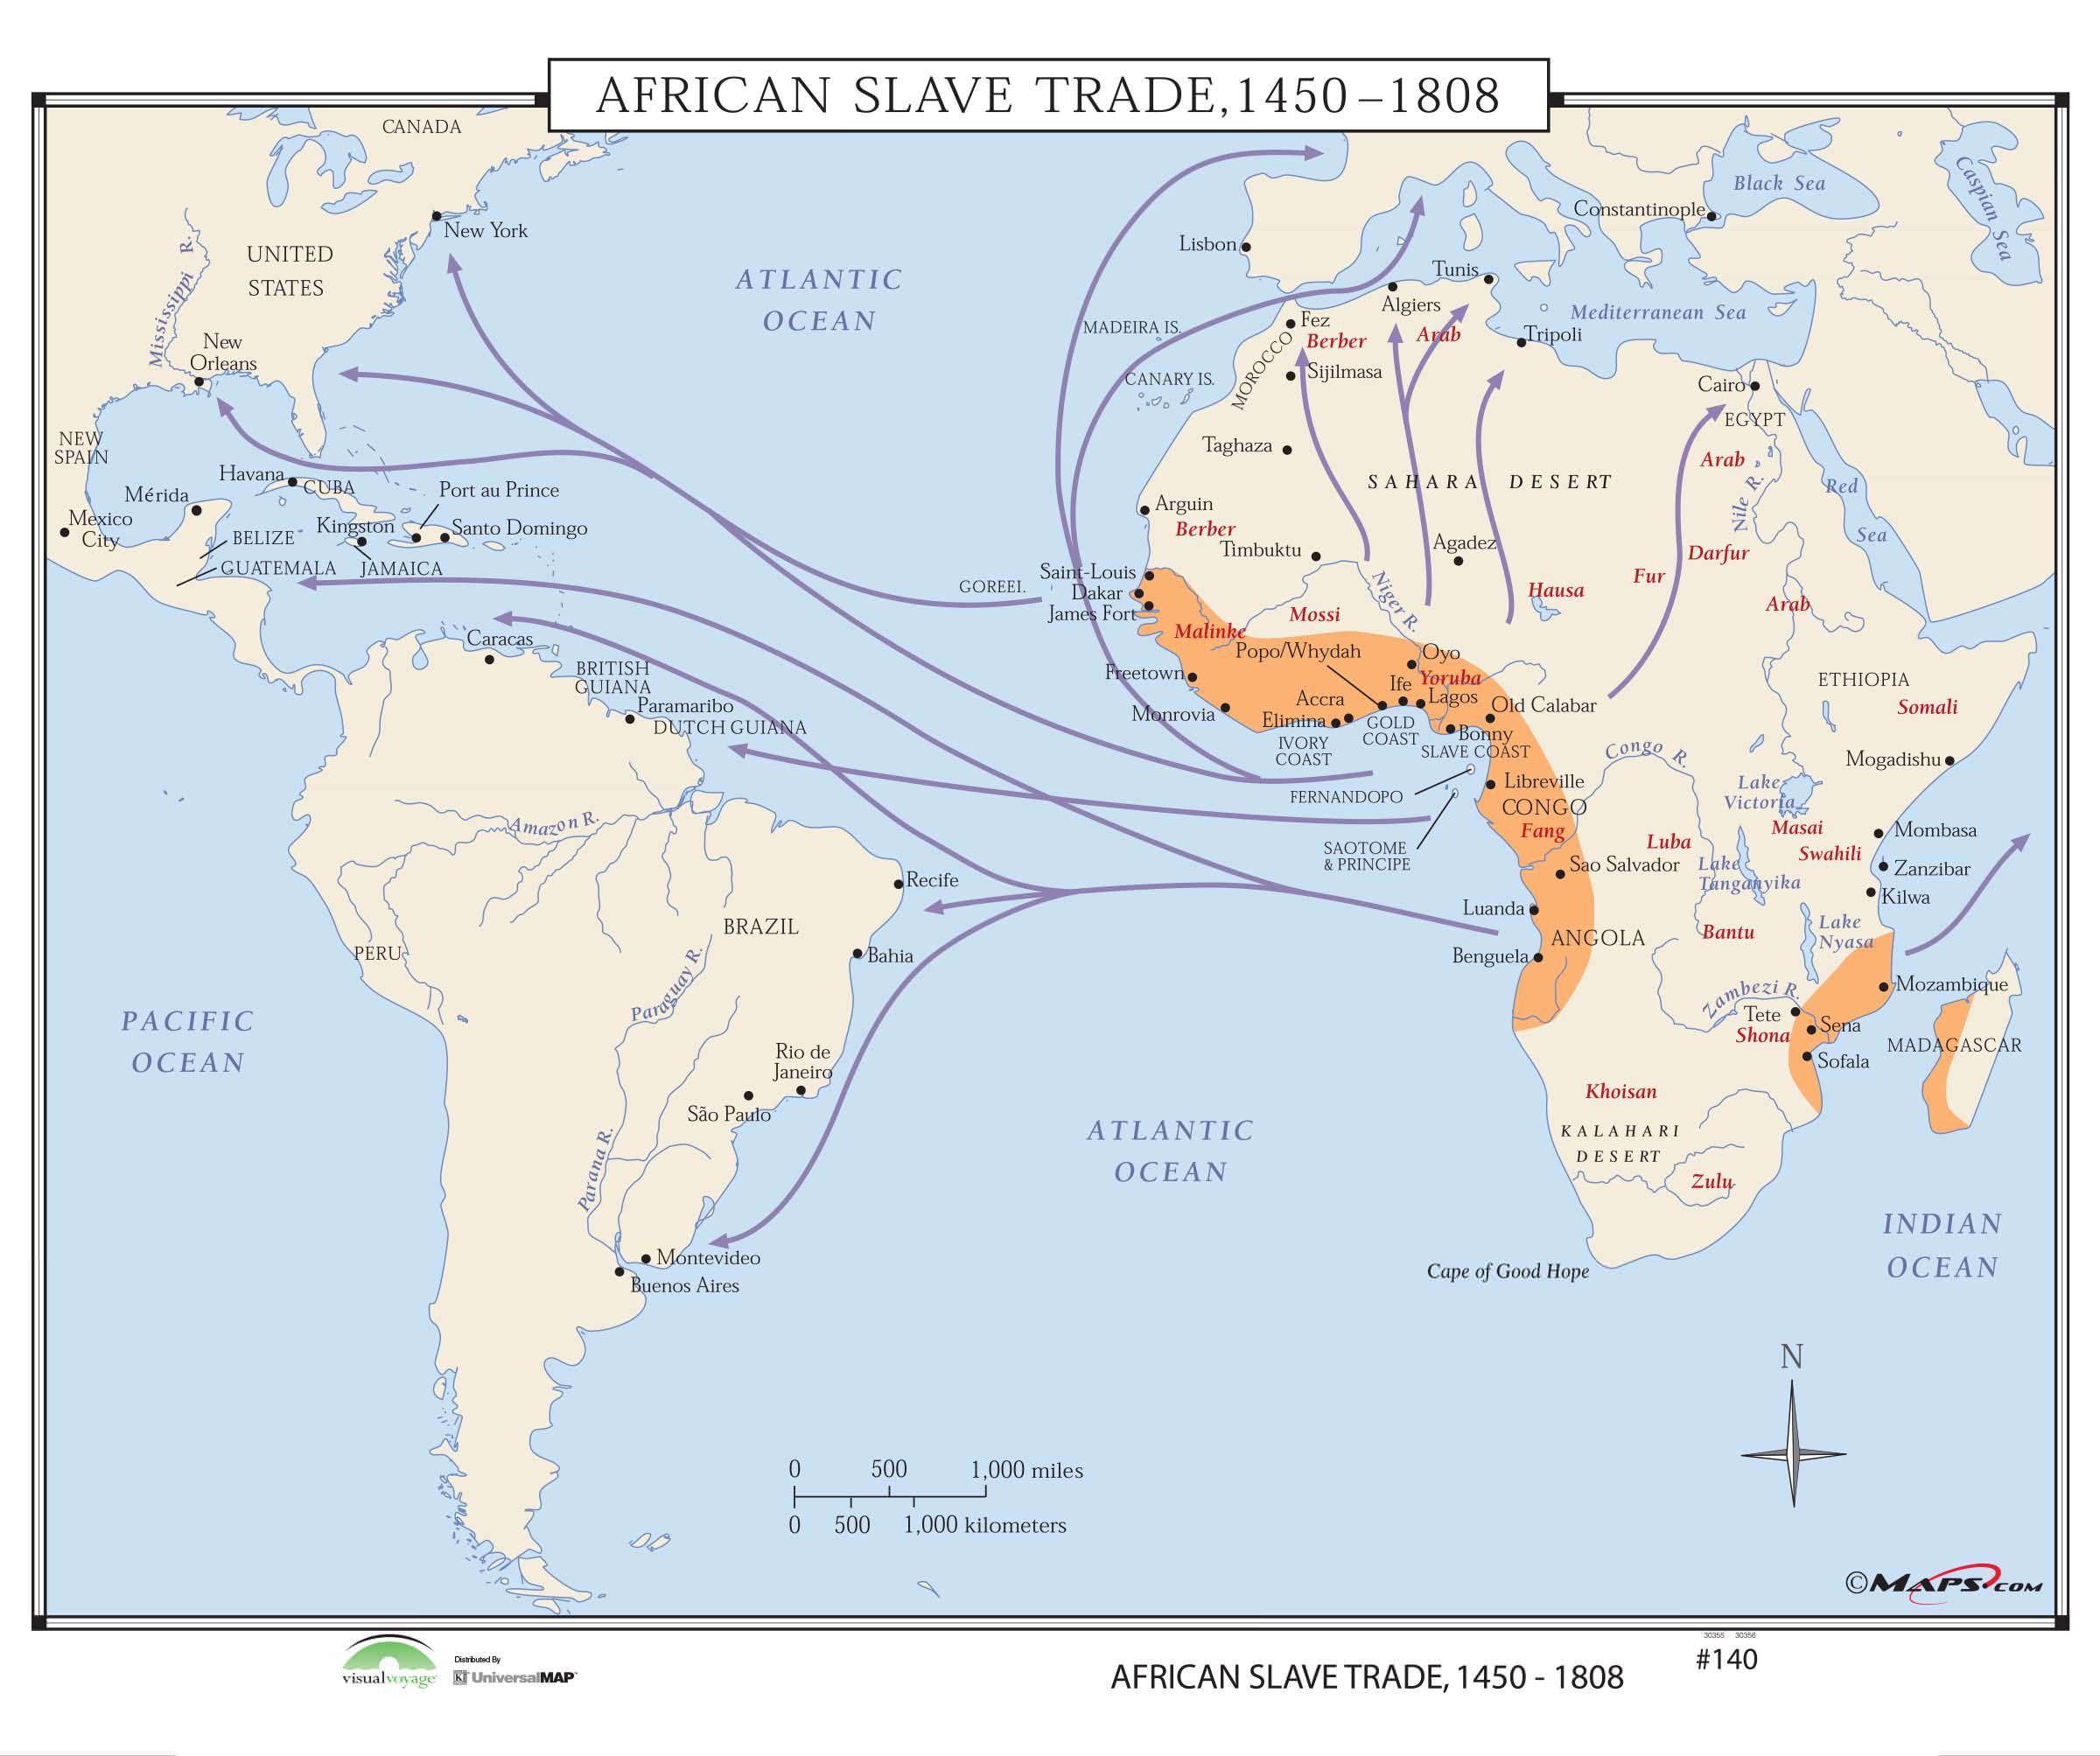 Ужареним жигом обележени црнци из Африке одвођени у ропство зарад напретка и изградње Британског царства